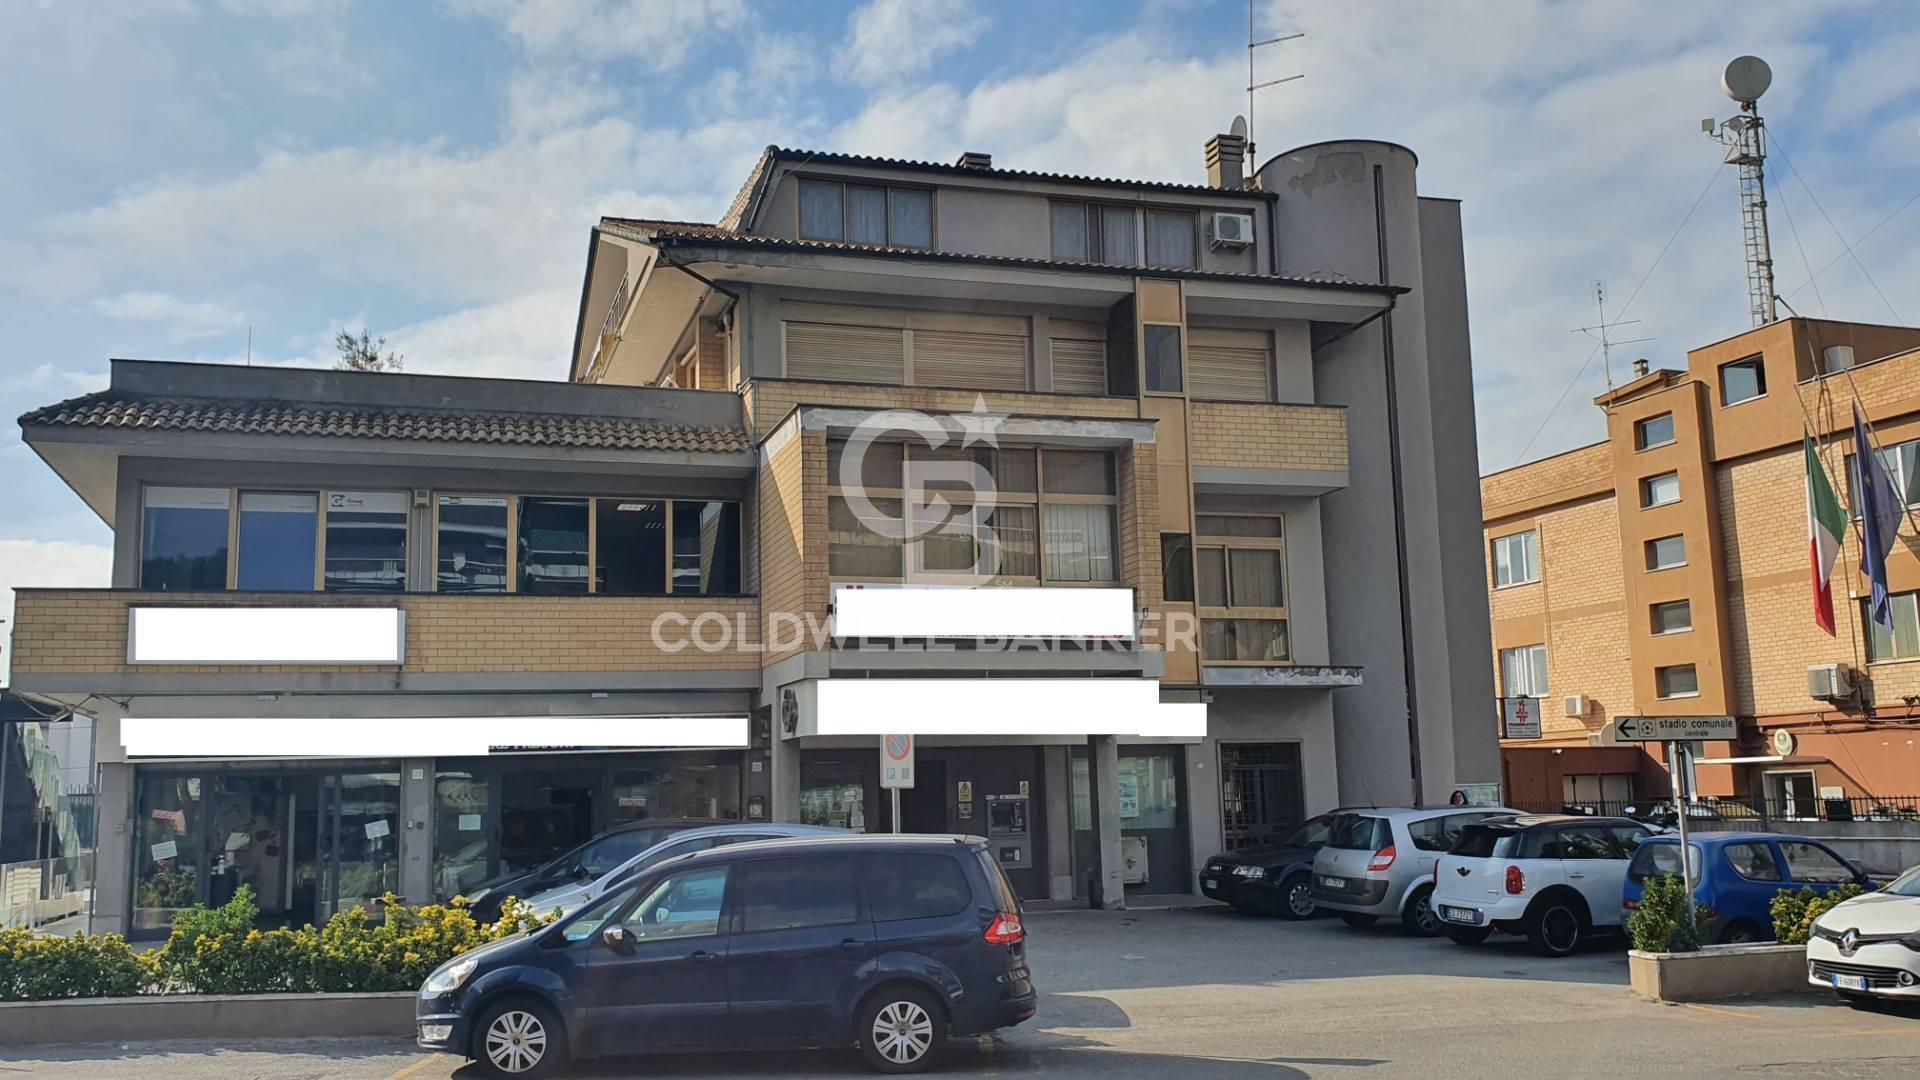 Ufficio / Studio in affitto a Pomezia, 9999 locali, zona Località: Centro, prezzo € 1.265   CambioCasa.it